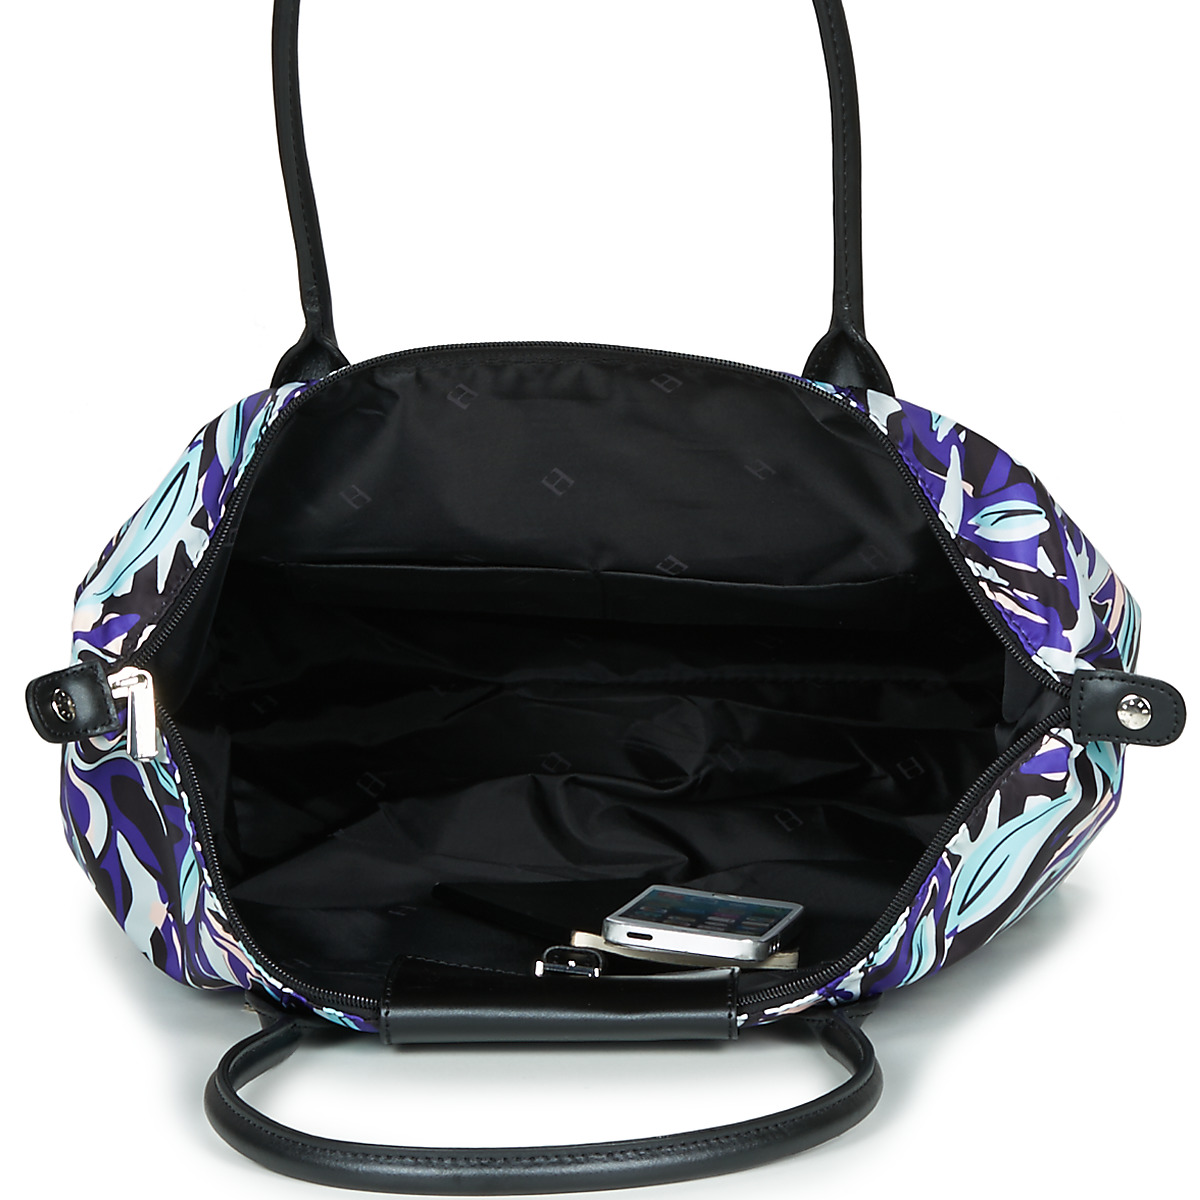 Borsa a spalla donna Hexagona  -  Multicolore